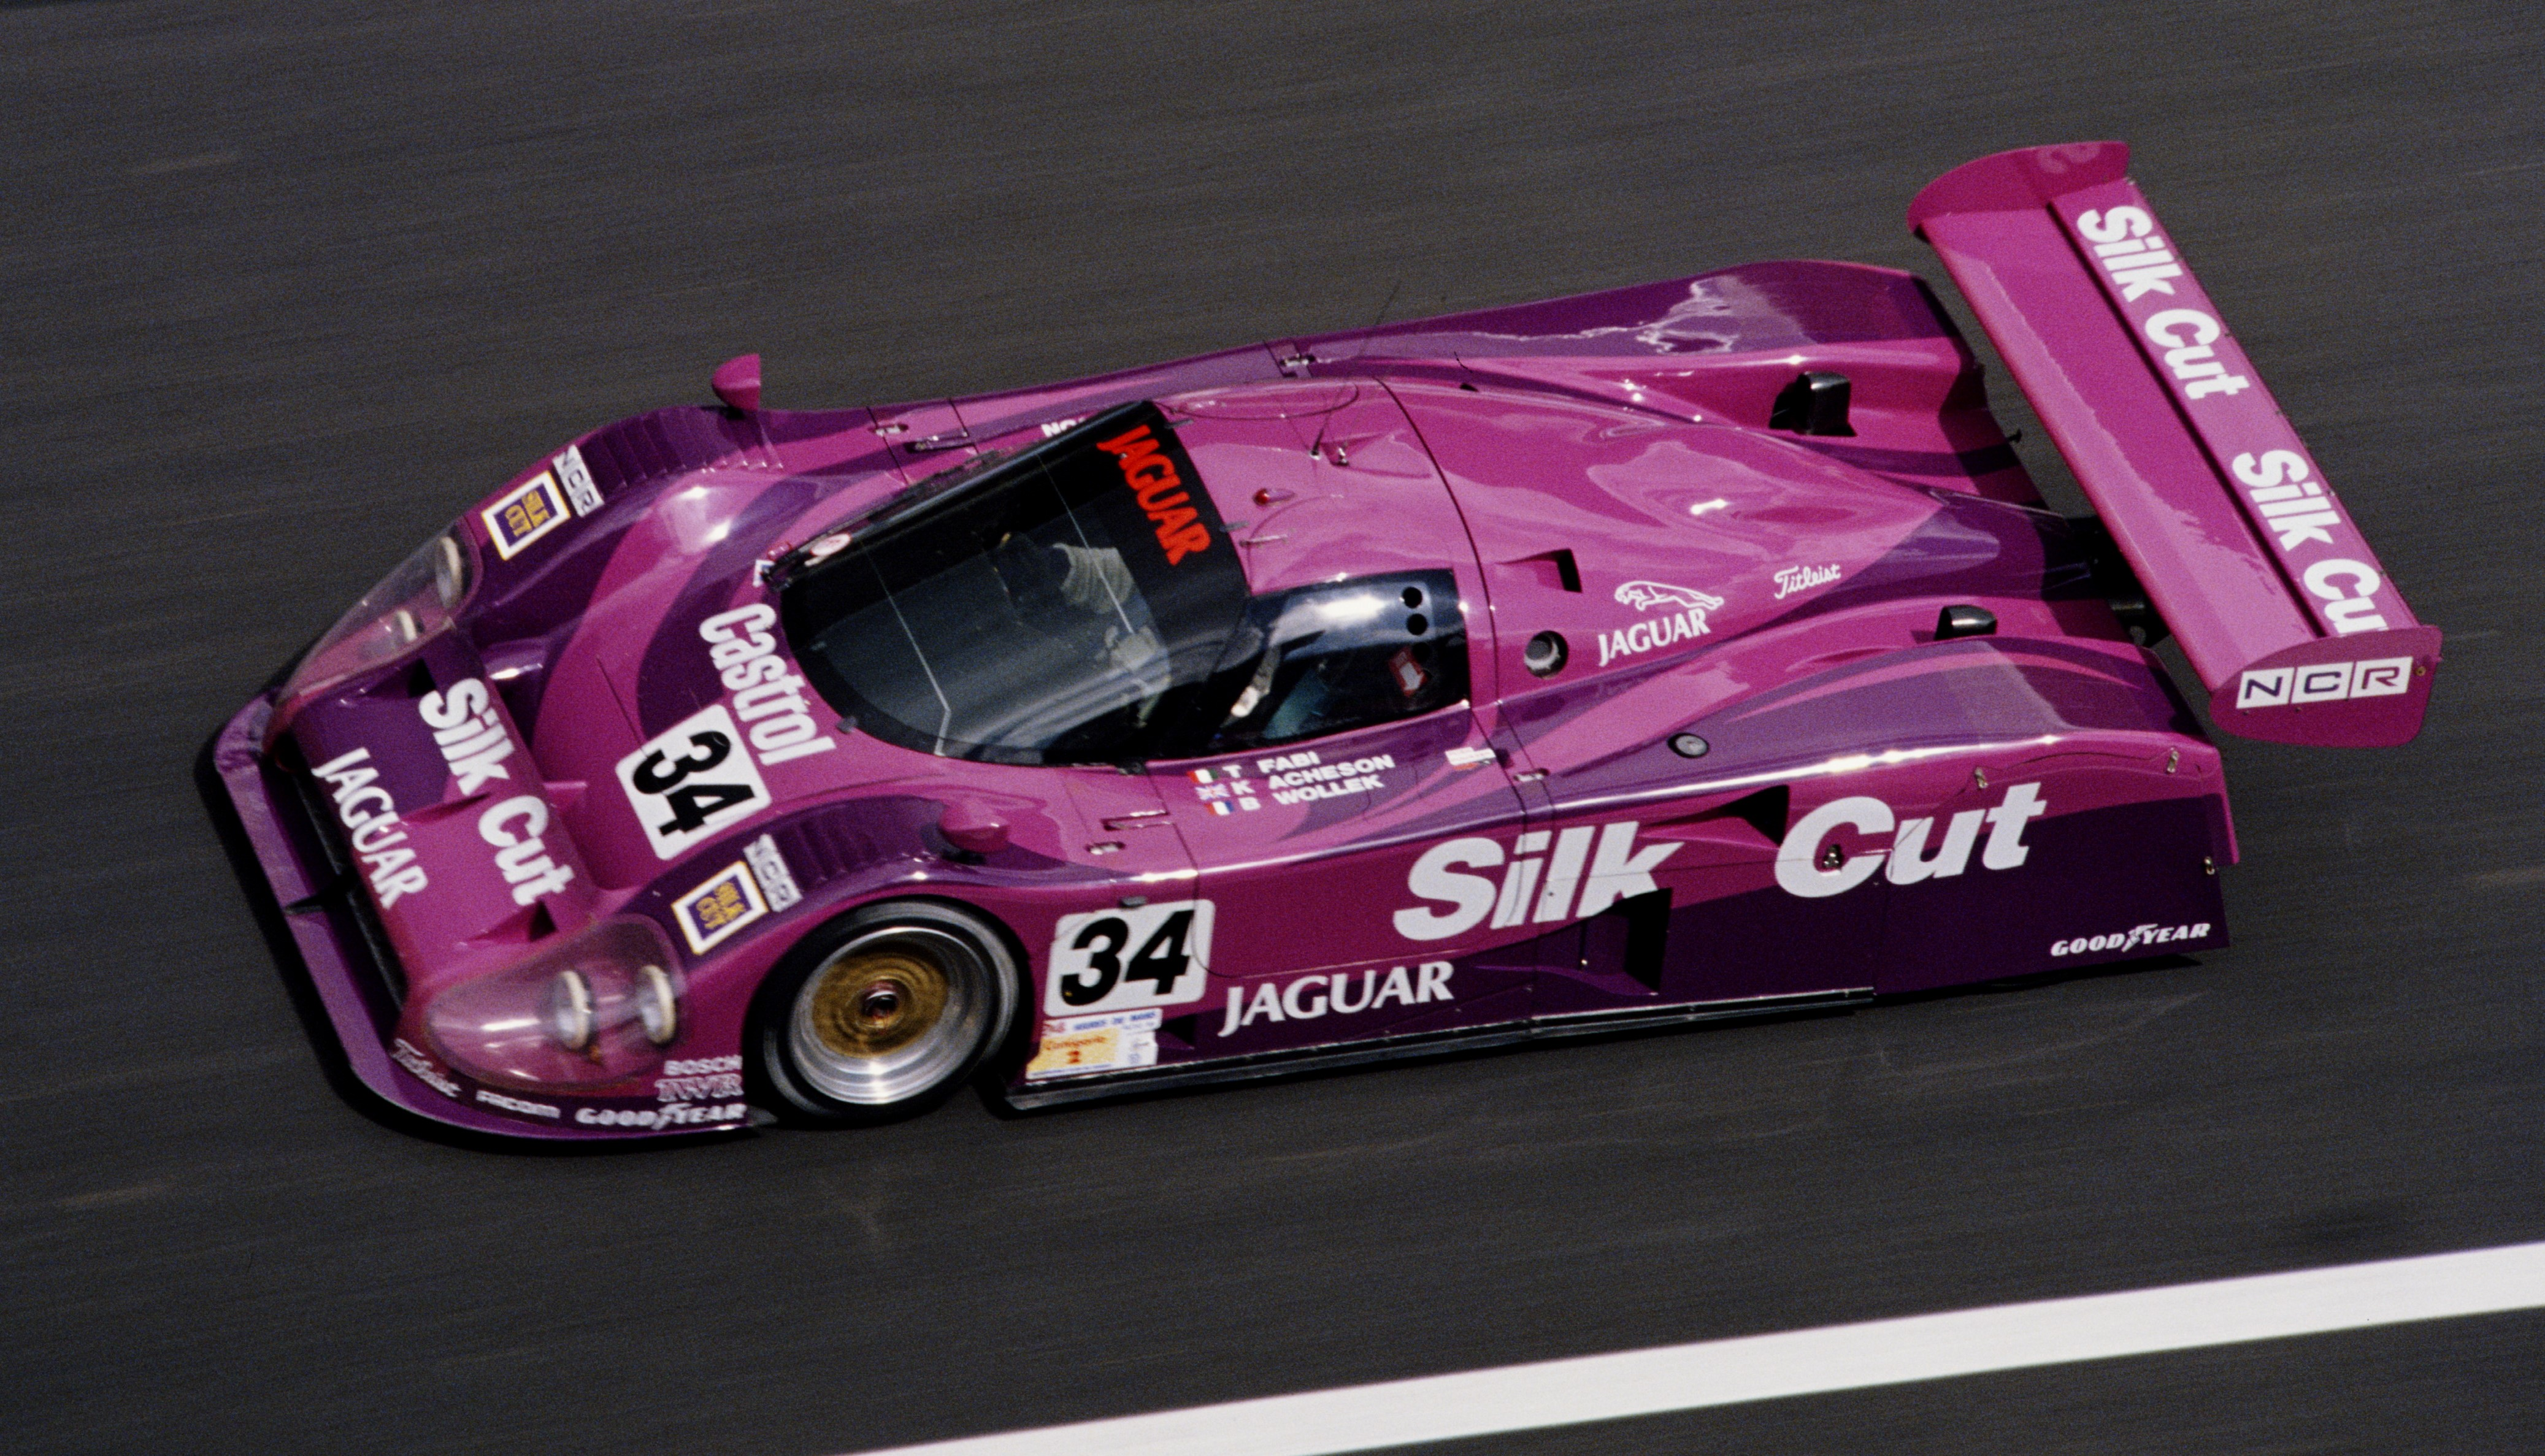 Bob Wollek au Mans, ou l'art de perdre - 24 Heures du Mans ...